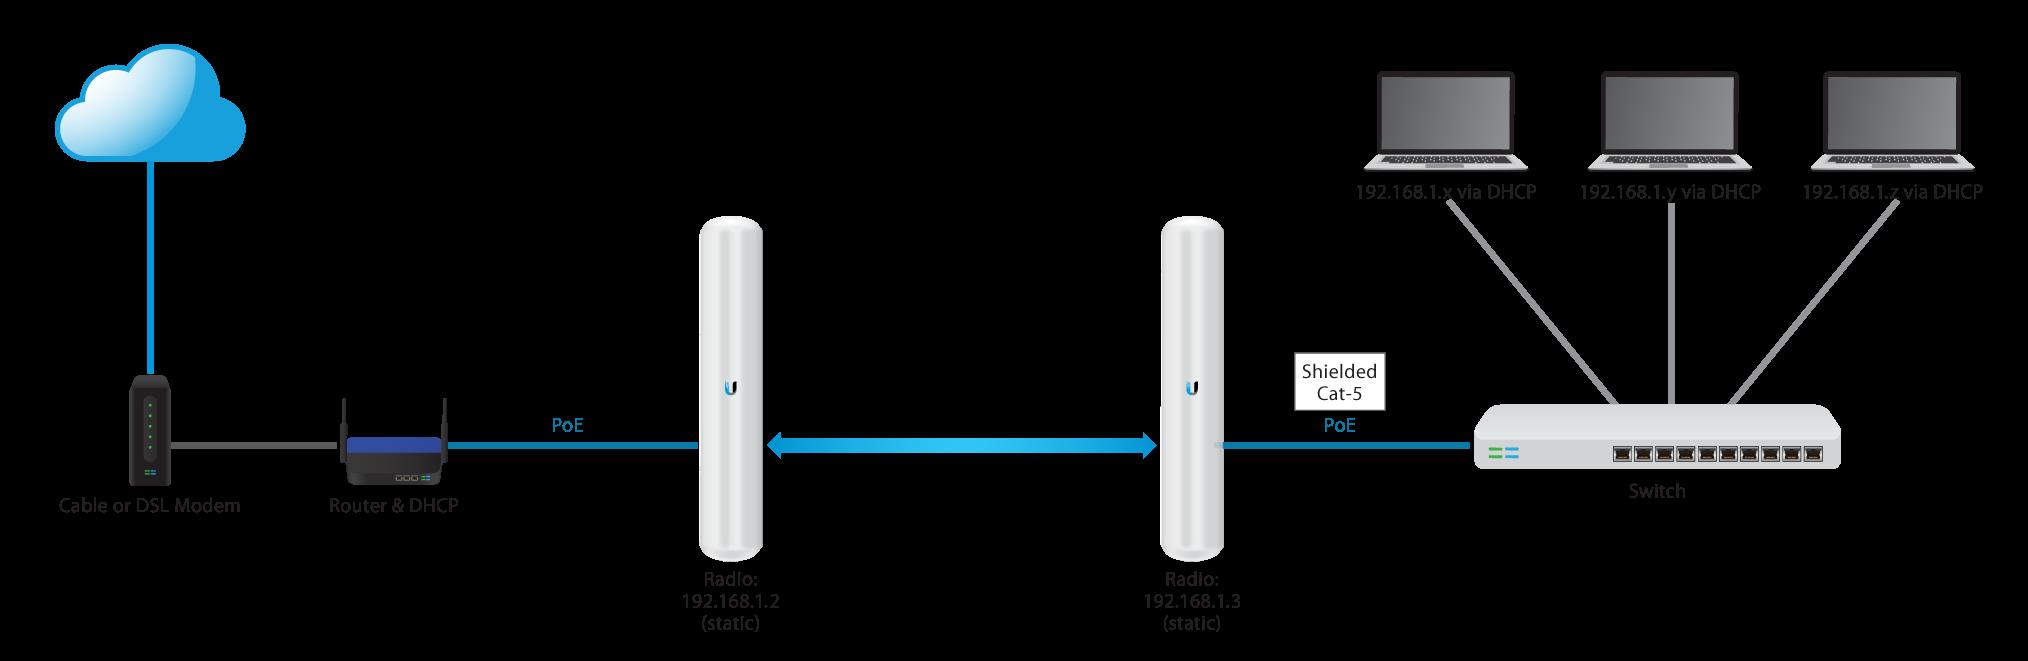 الربط من نقطة الى نقطة في اجهزة يوبيكوالاتي Point-to-Point Link (Layer 2, Transparent Bridge)